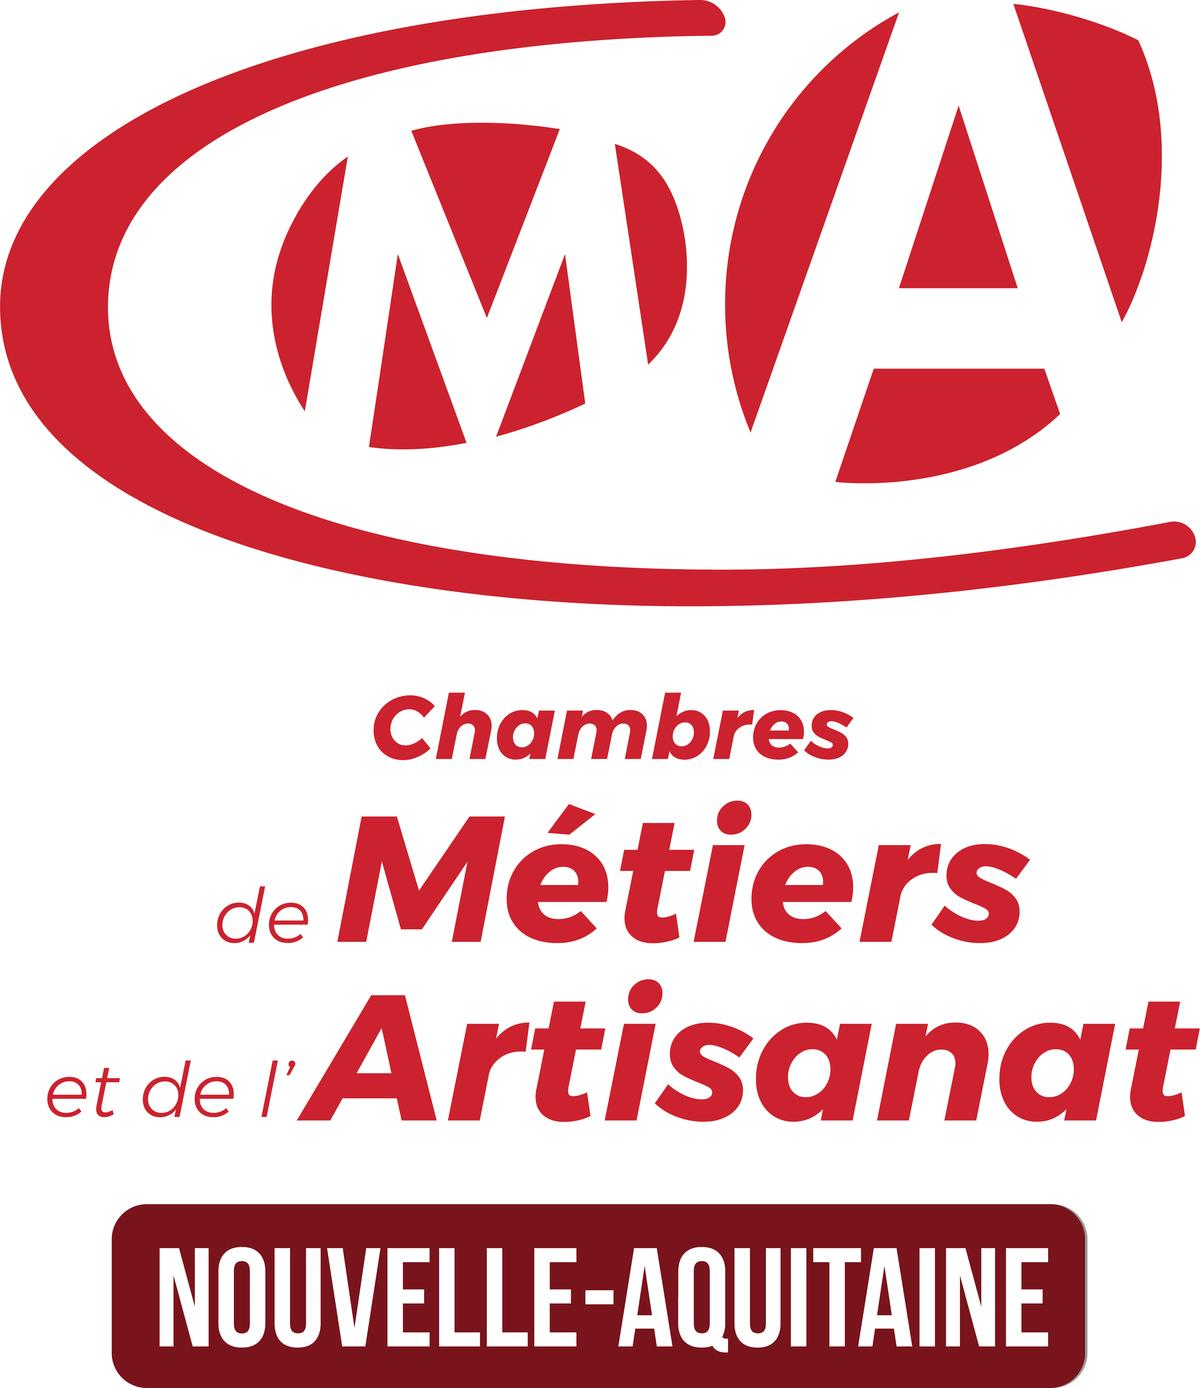 Chambre regionale de metiers et de l 39 artisanat nouvelle - Chambre des metiers rhone alpes ...